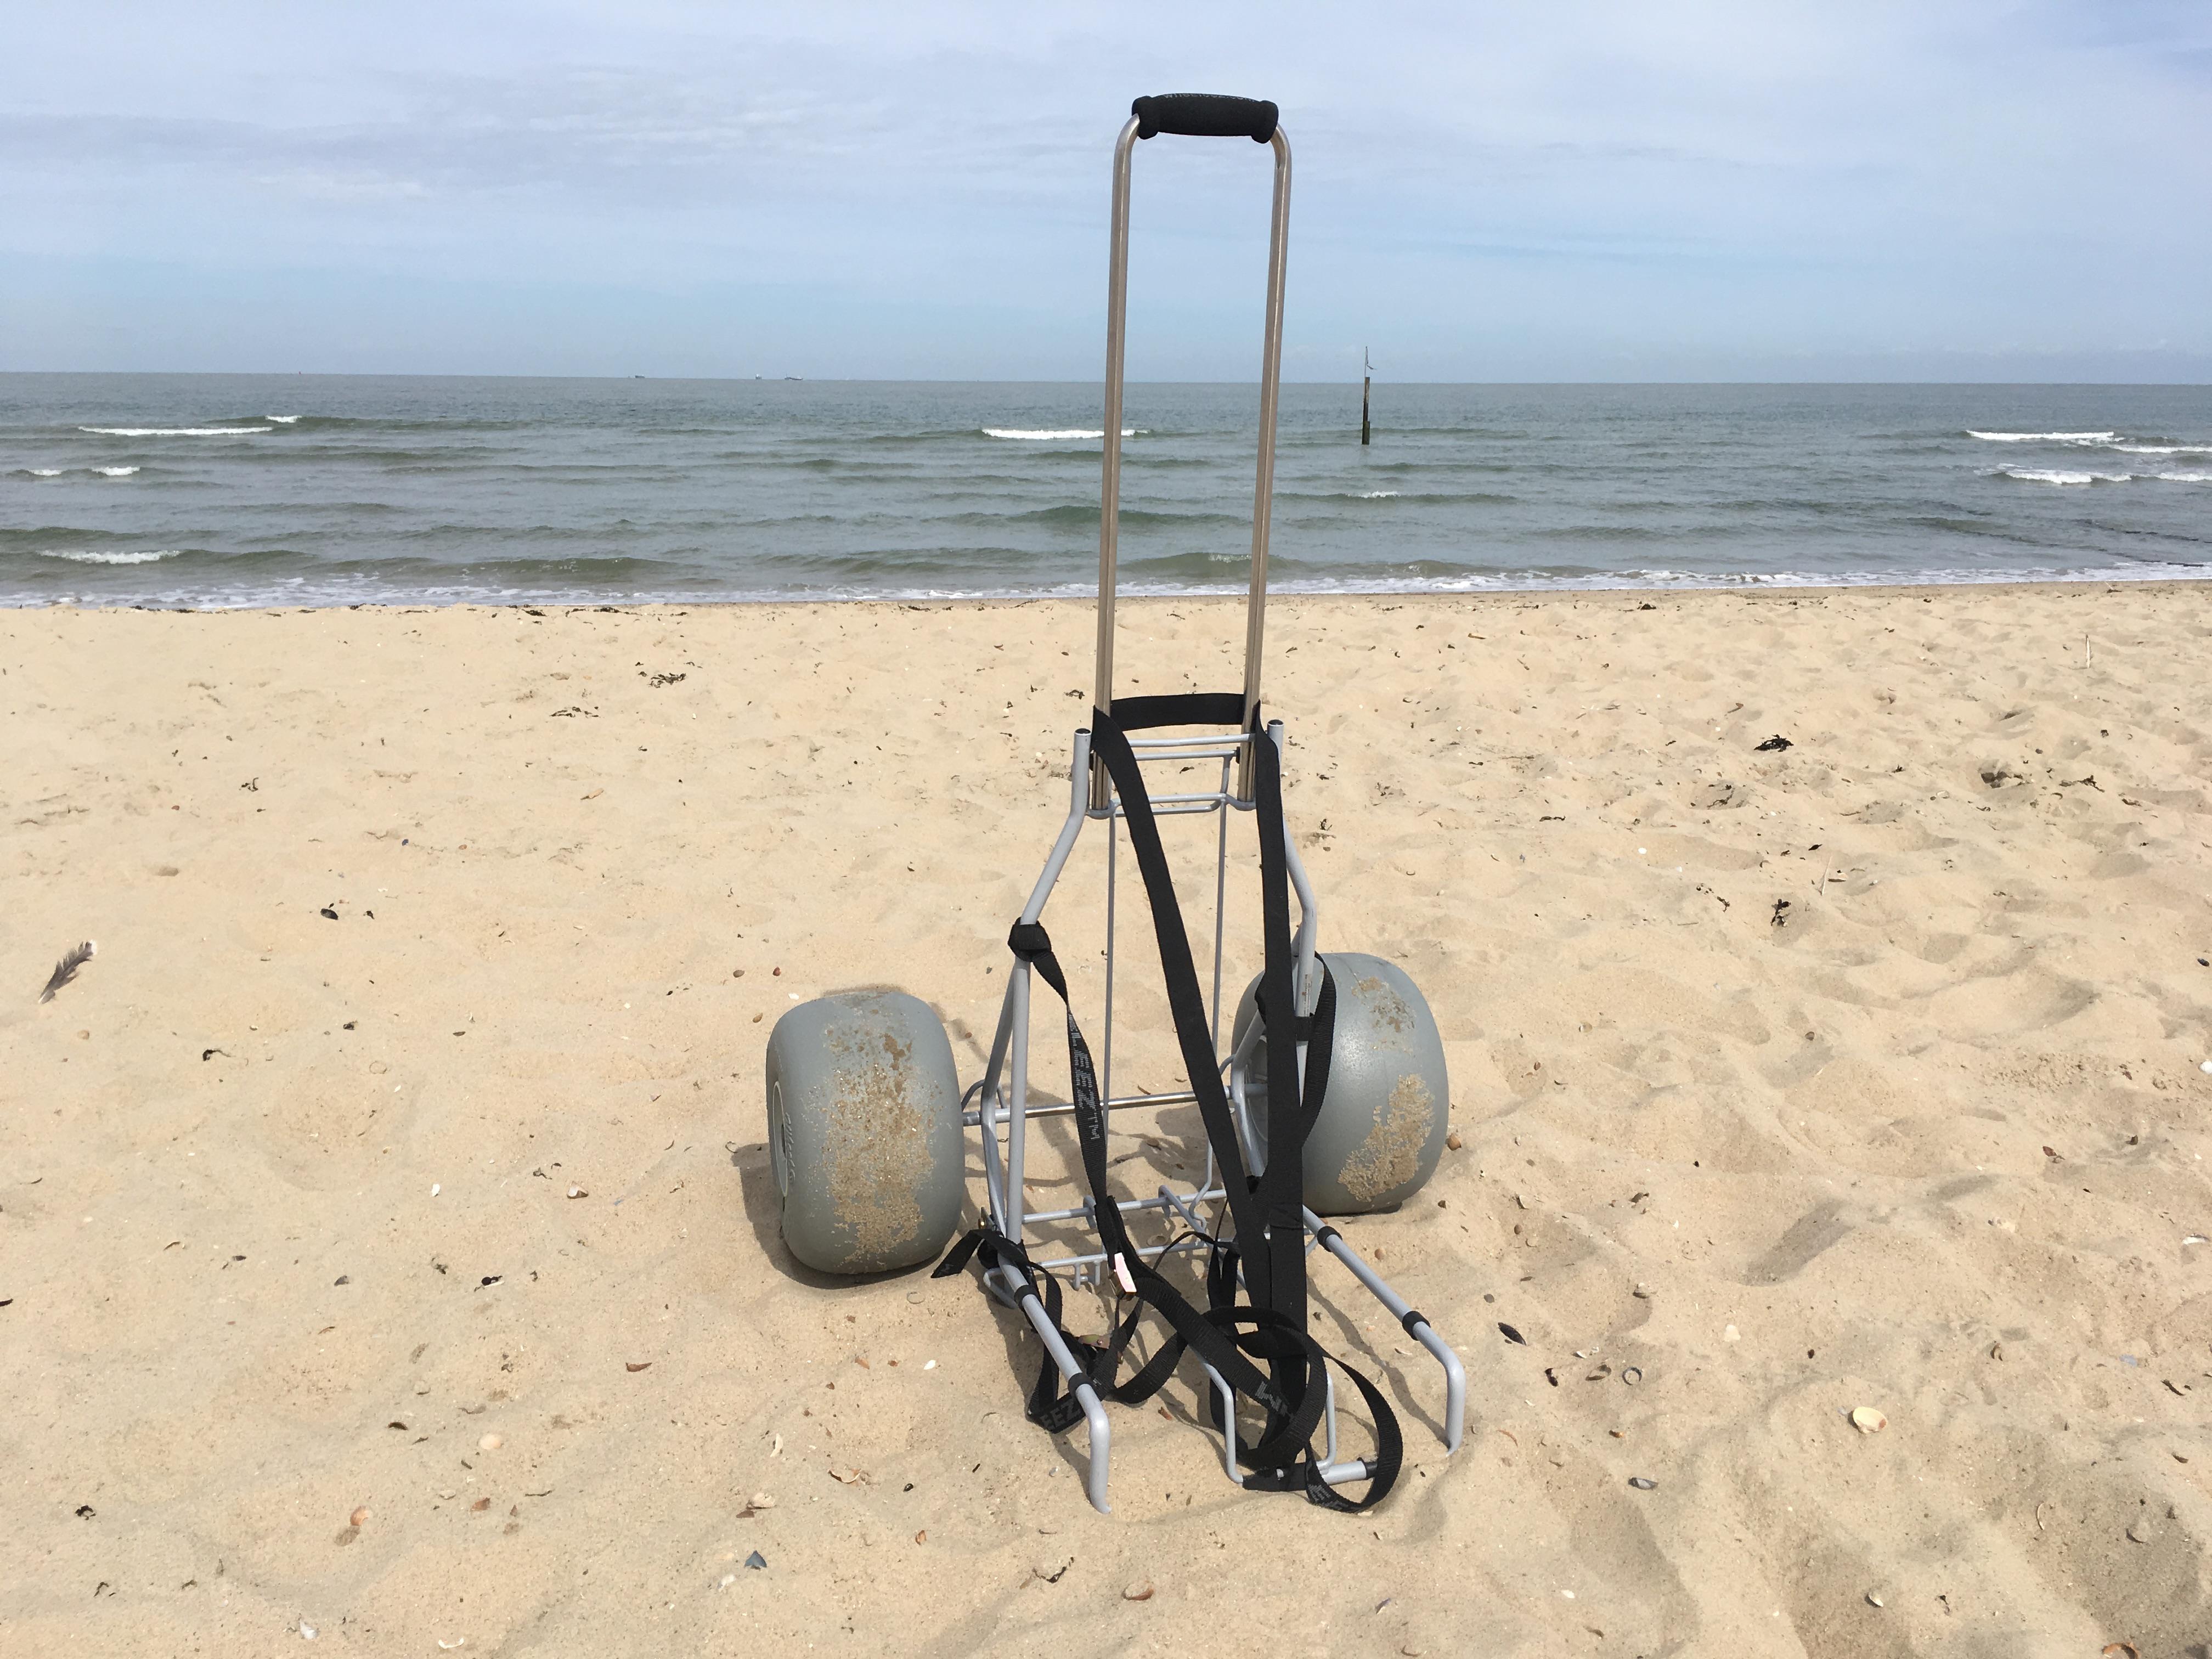 De-Bug rolstoelen voor strand